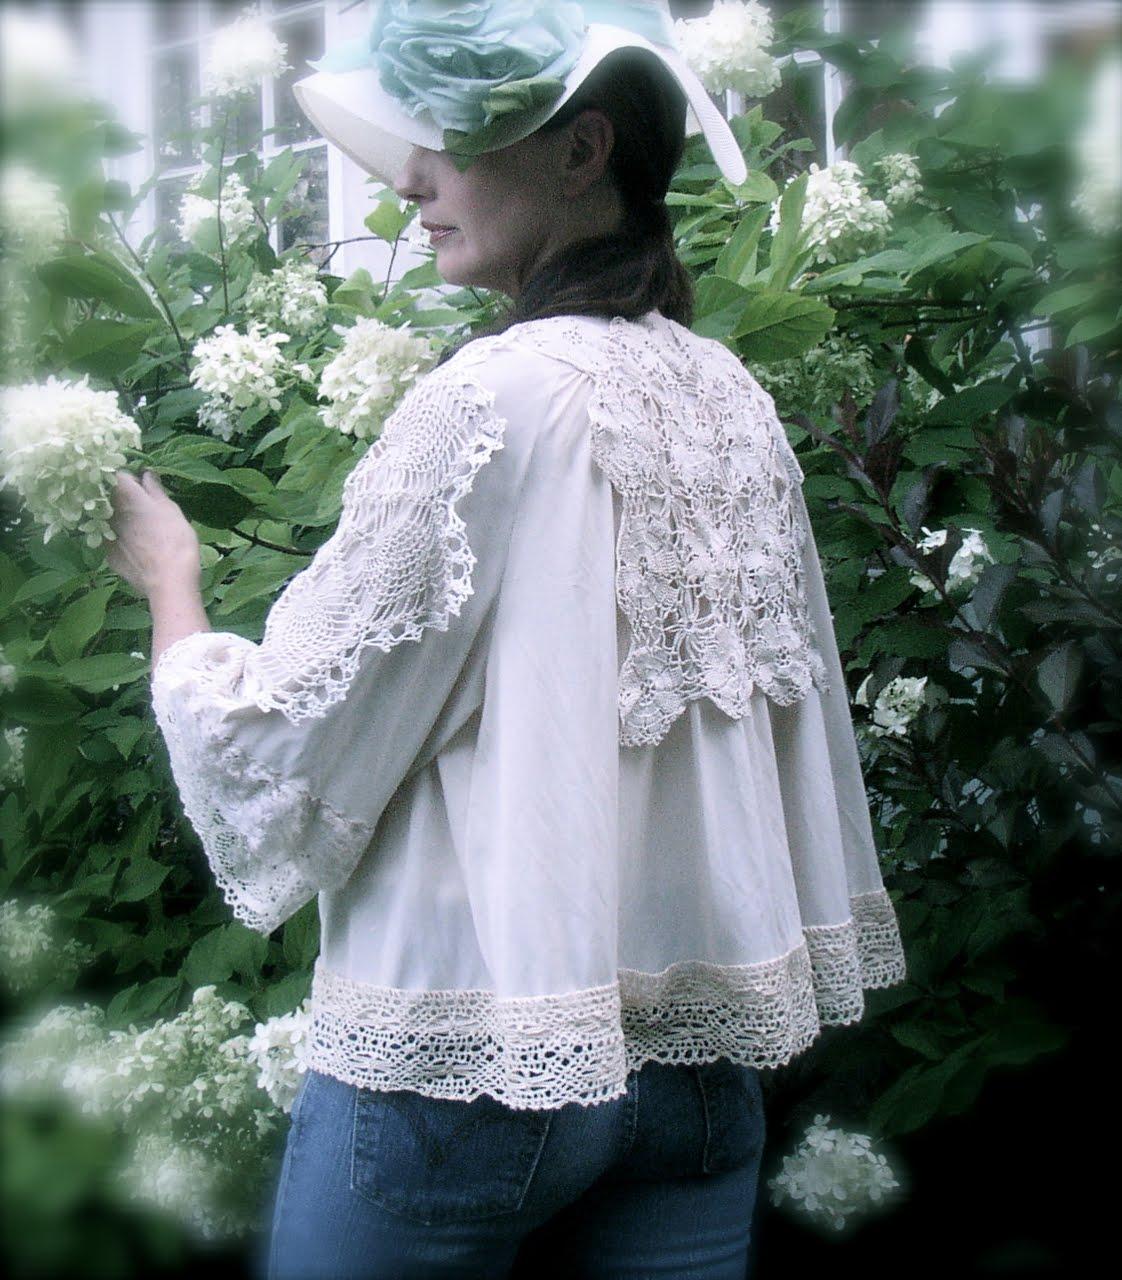 http://1.bp.blogspot.com/_xRO2YHYay6Y/SoTEX3cr-wI/AAAAAAAAAU8/xxOnwy8SHCM/s1600/after2.jpg